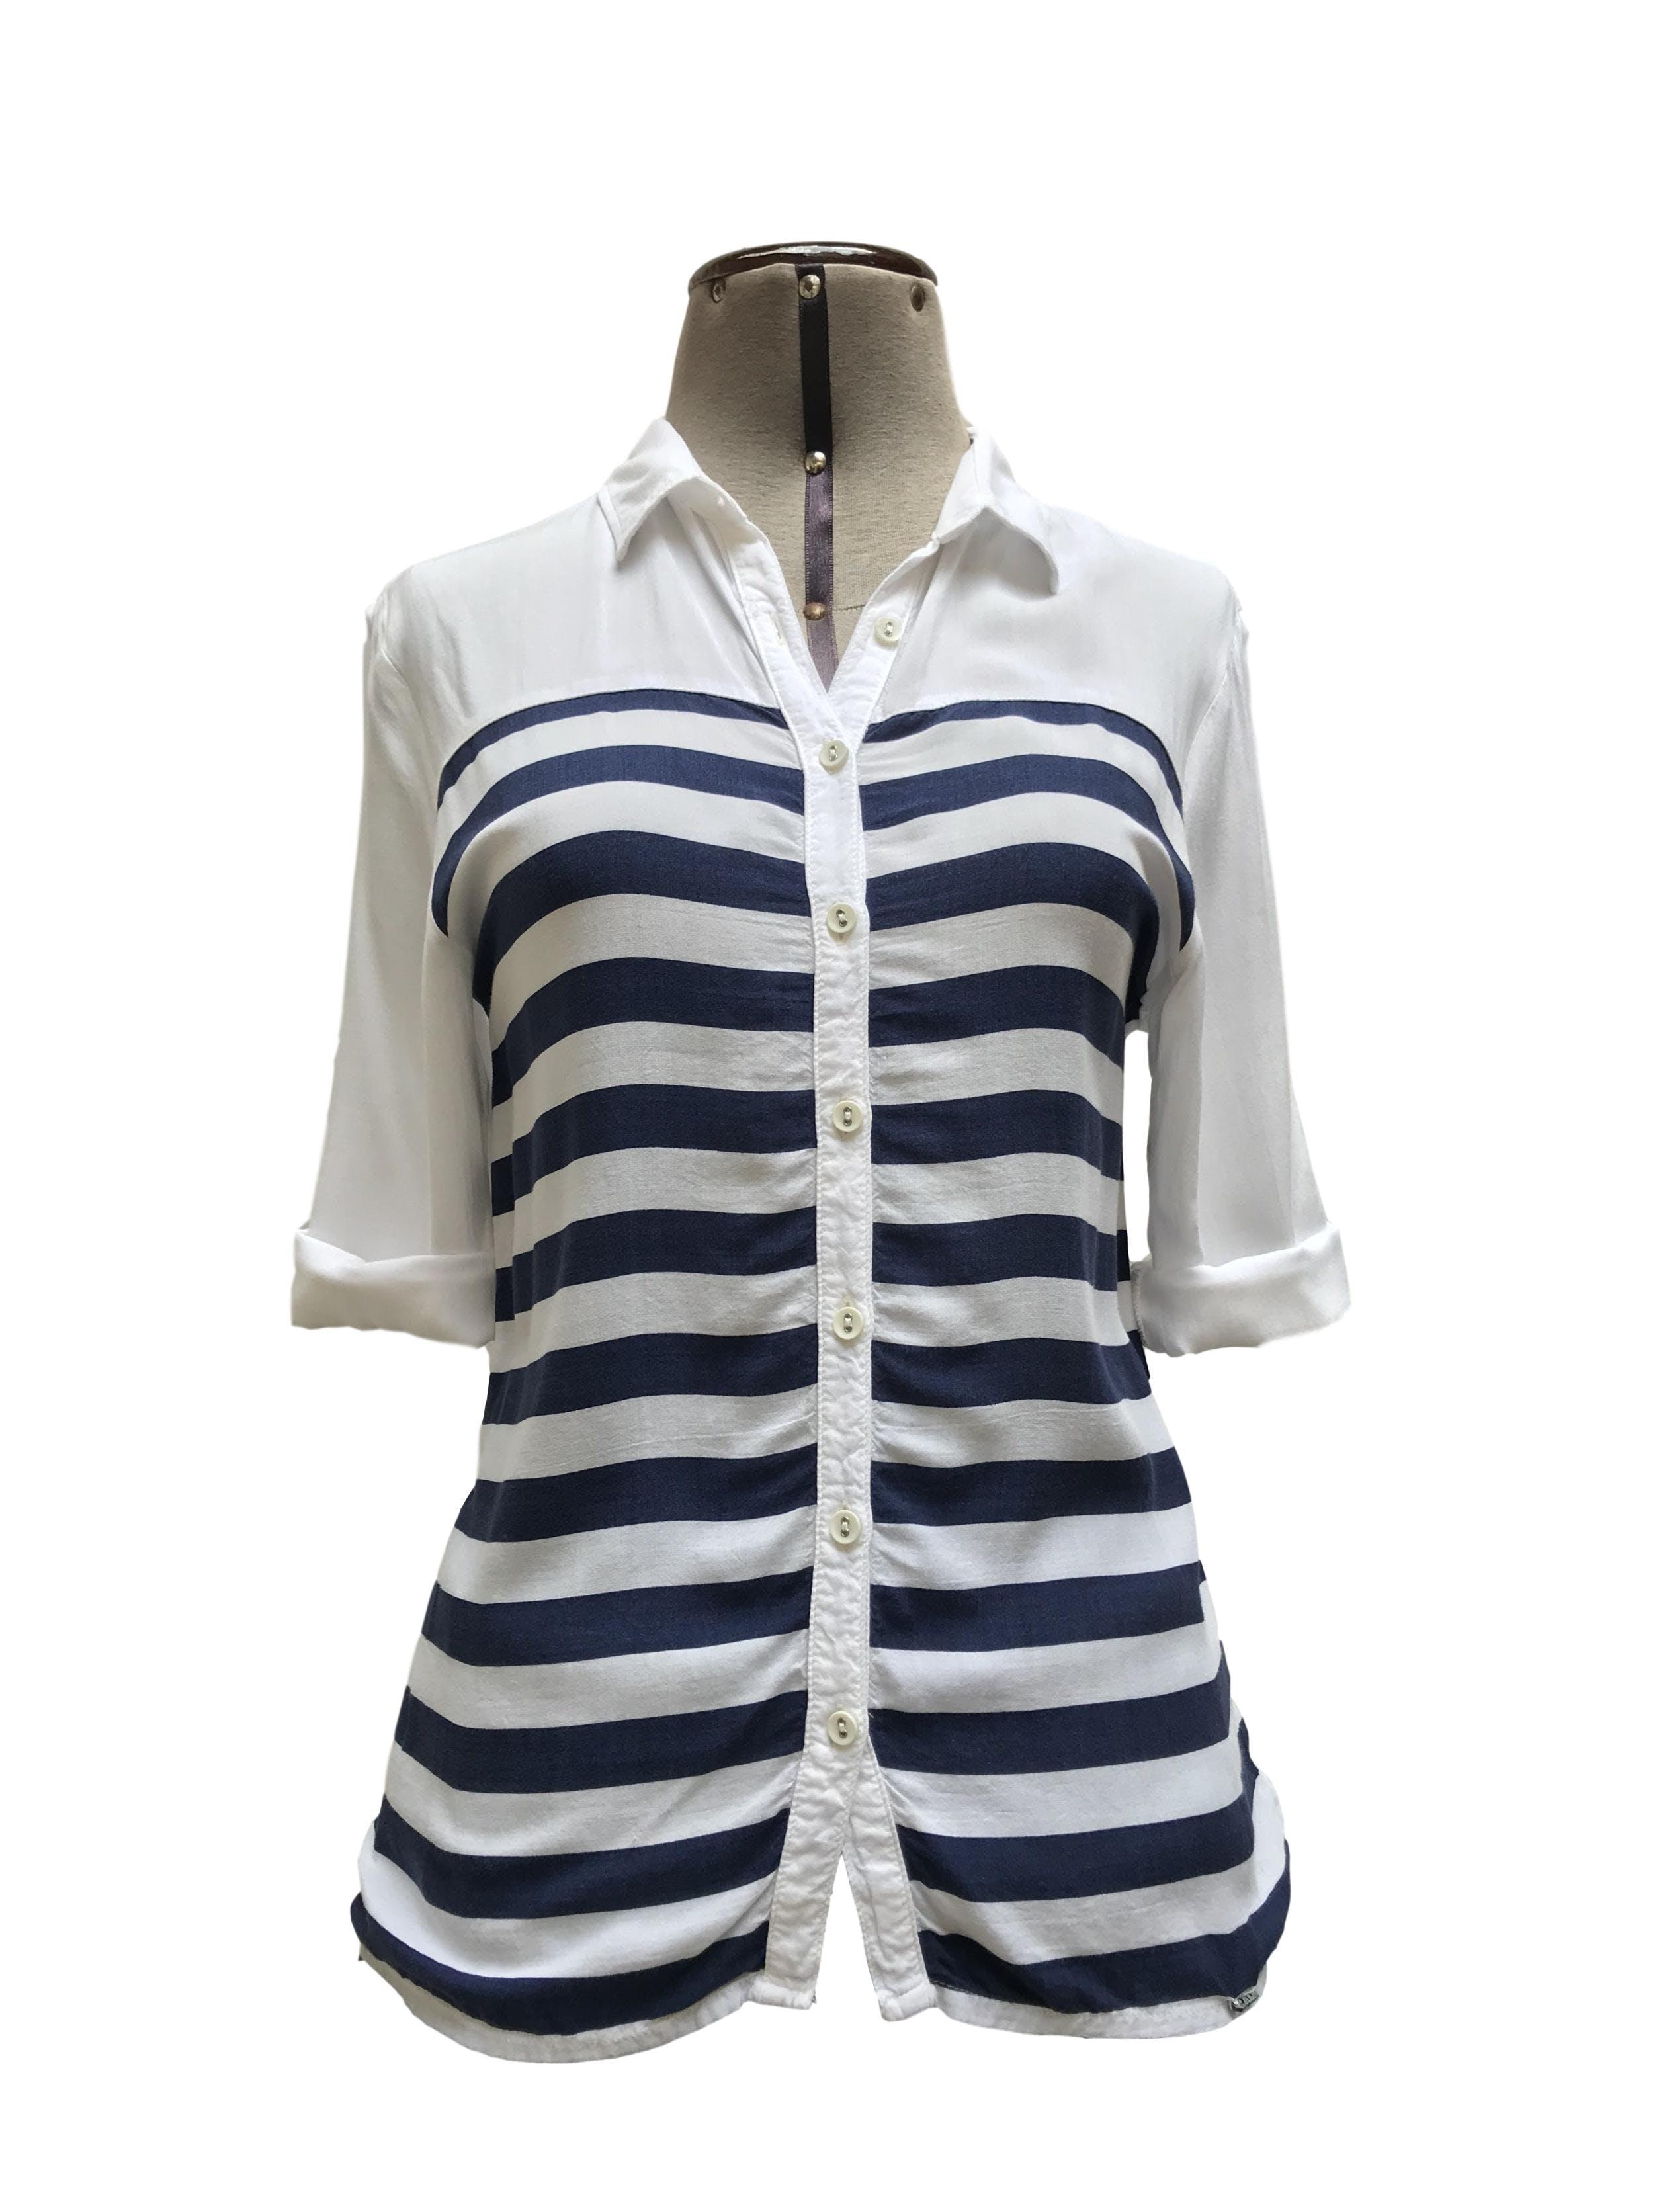 Blusa Exit blanca con estampado de franjas azules horizontales, cuello camisero y fila de botones, manga 3/4 regulable con botón Talla XS